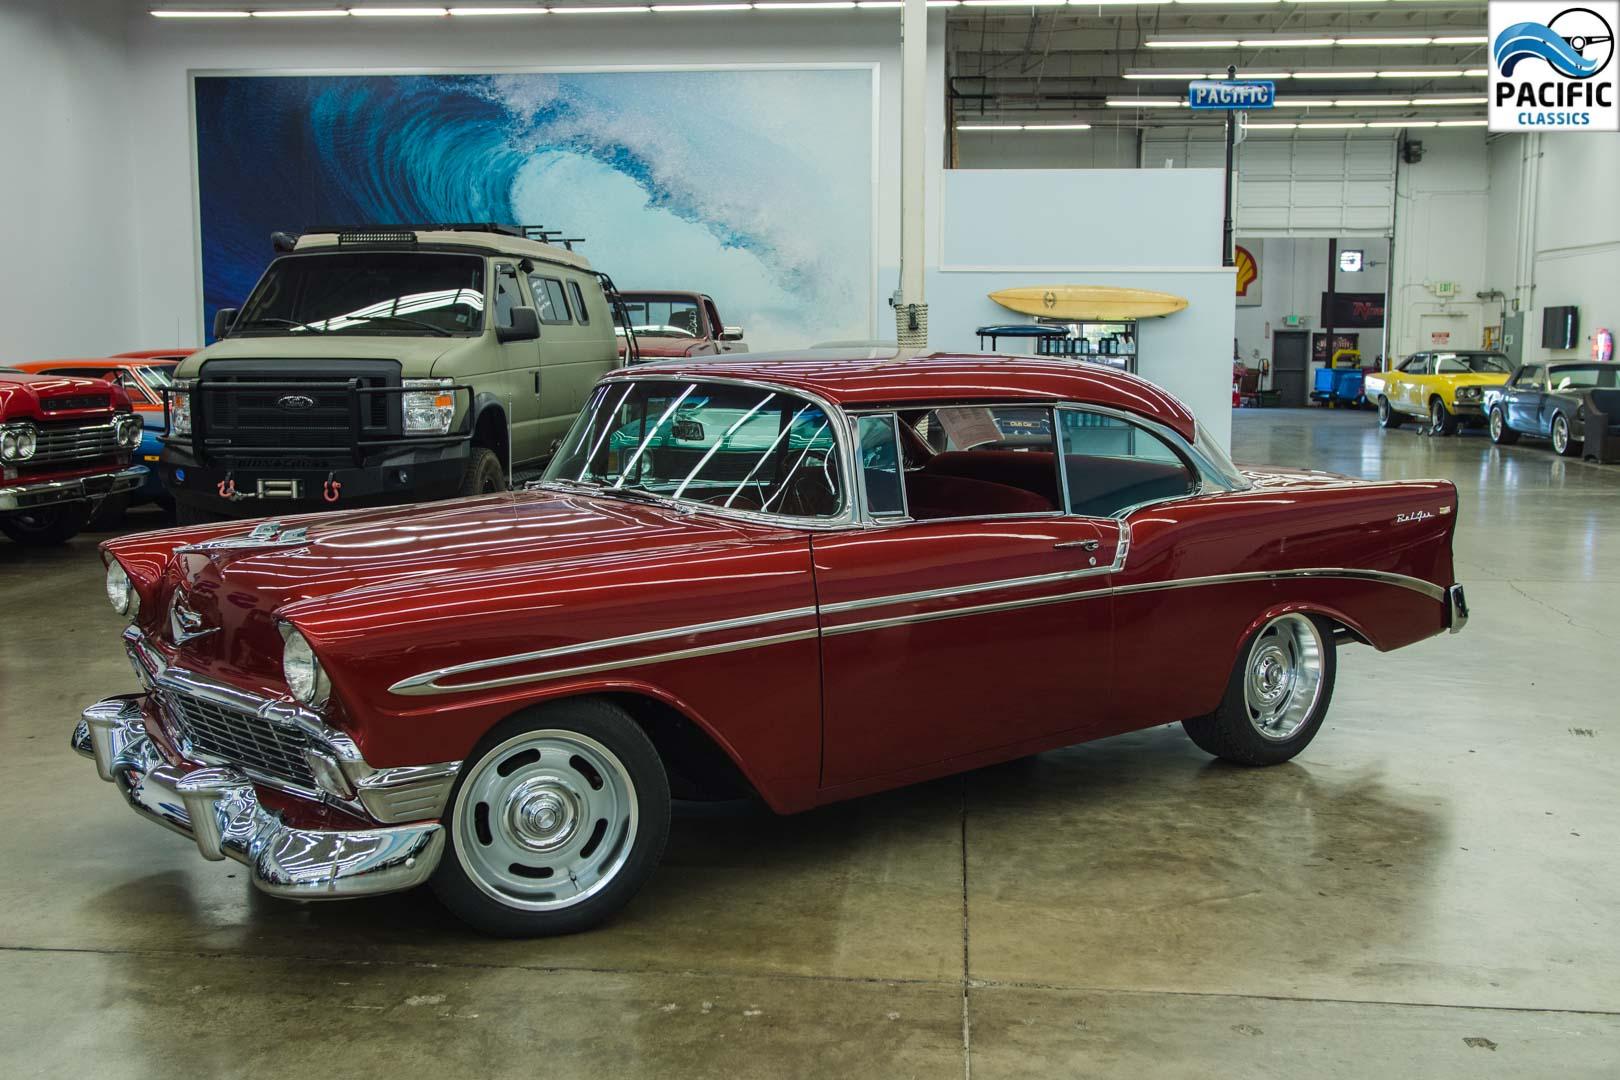 Classic & Exotic Car Dealer - Pacific Classics